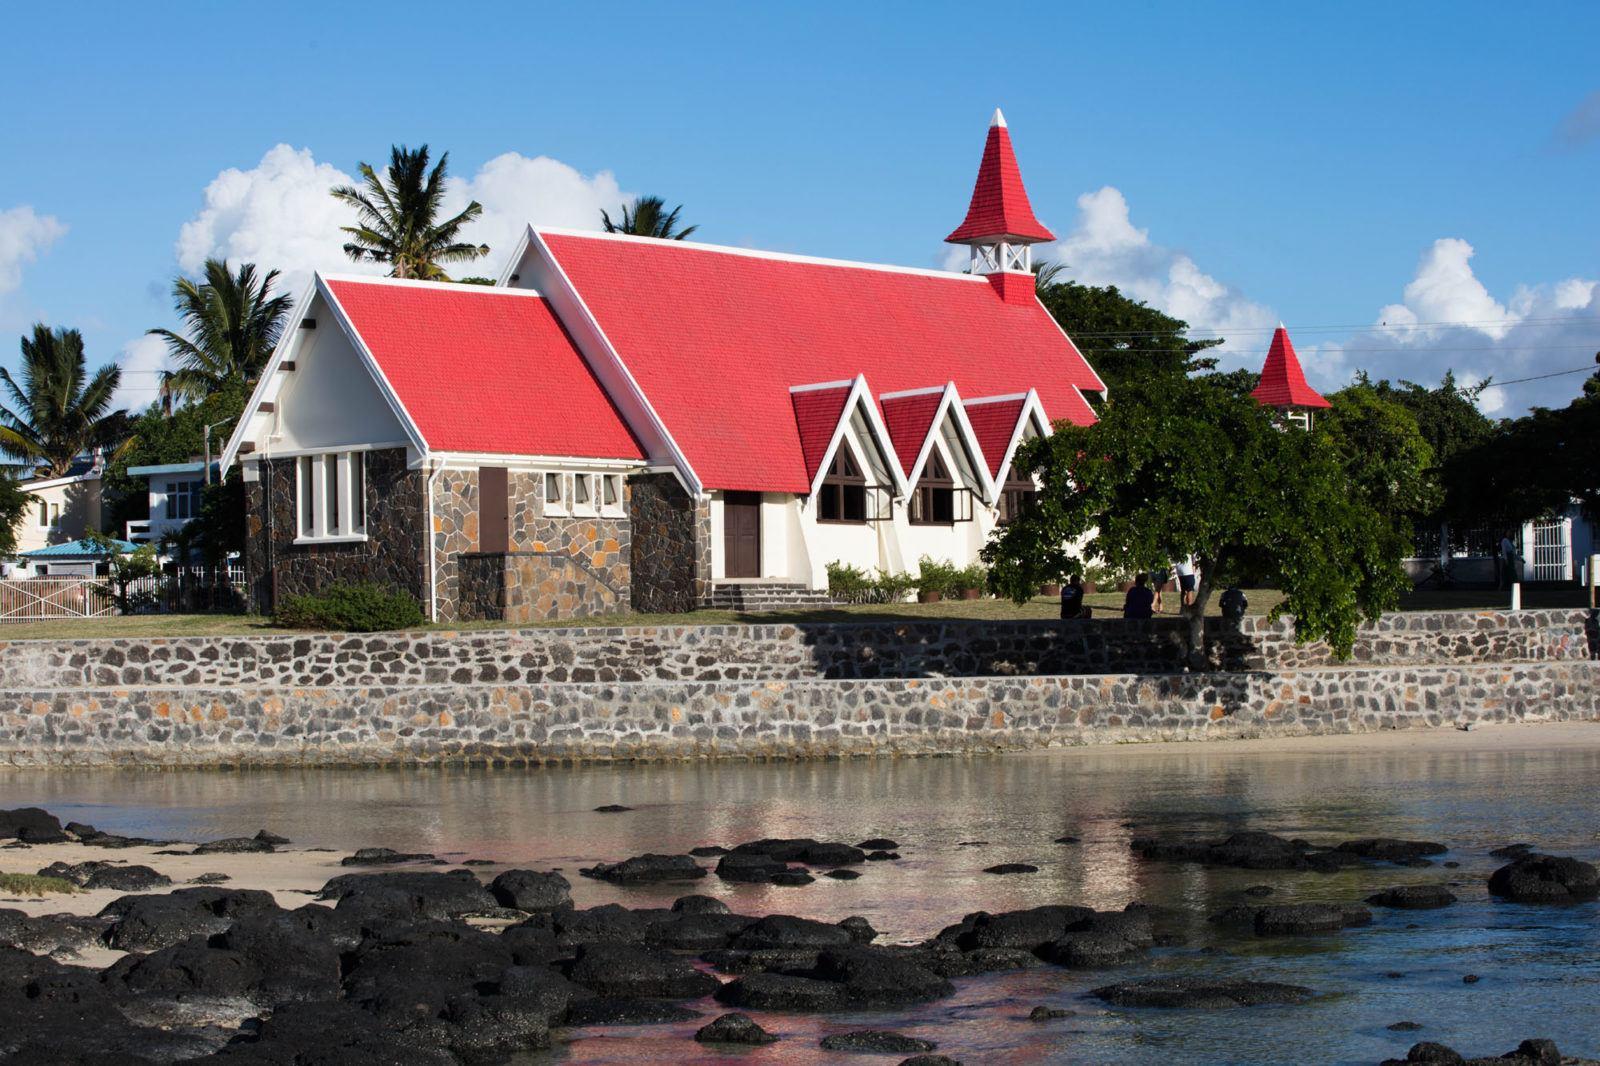 Эта церковь с красной крышей является знаковым местом в Кап-Малерё. Чем заняться на Маврикии Чем заняться на Маврикии – Путешествие к звезде и ключу Индийского океана Red Roof Church Cap Malheureux Mauritius 1600x1066